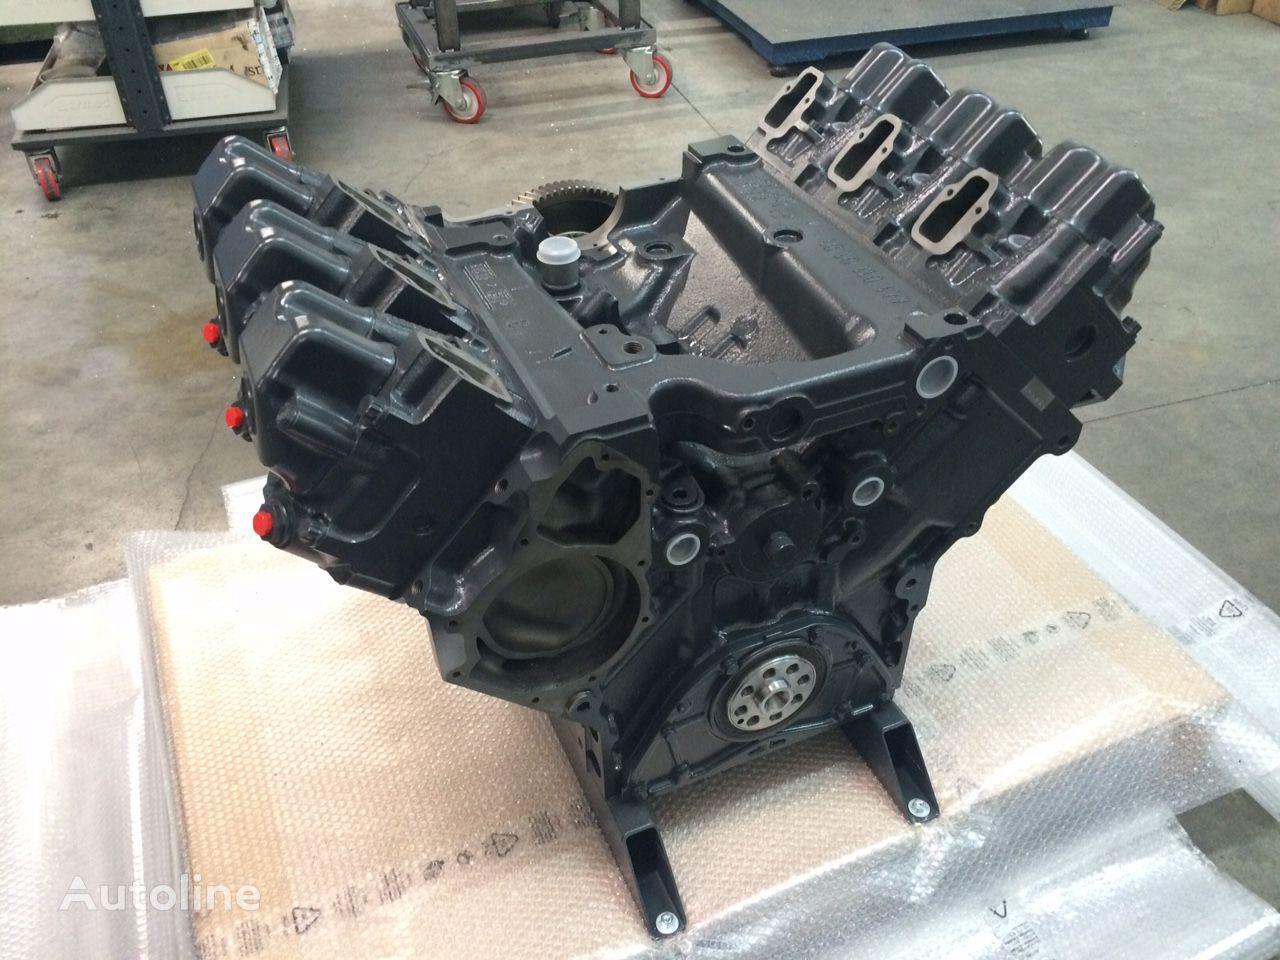 MERCEDES-BENZ OM441LA - VAR. 441.901-400 - INDUSTRIALE bloque de motor para camión